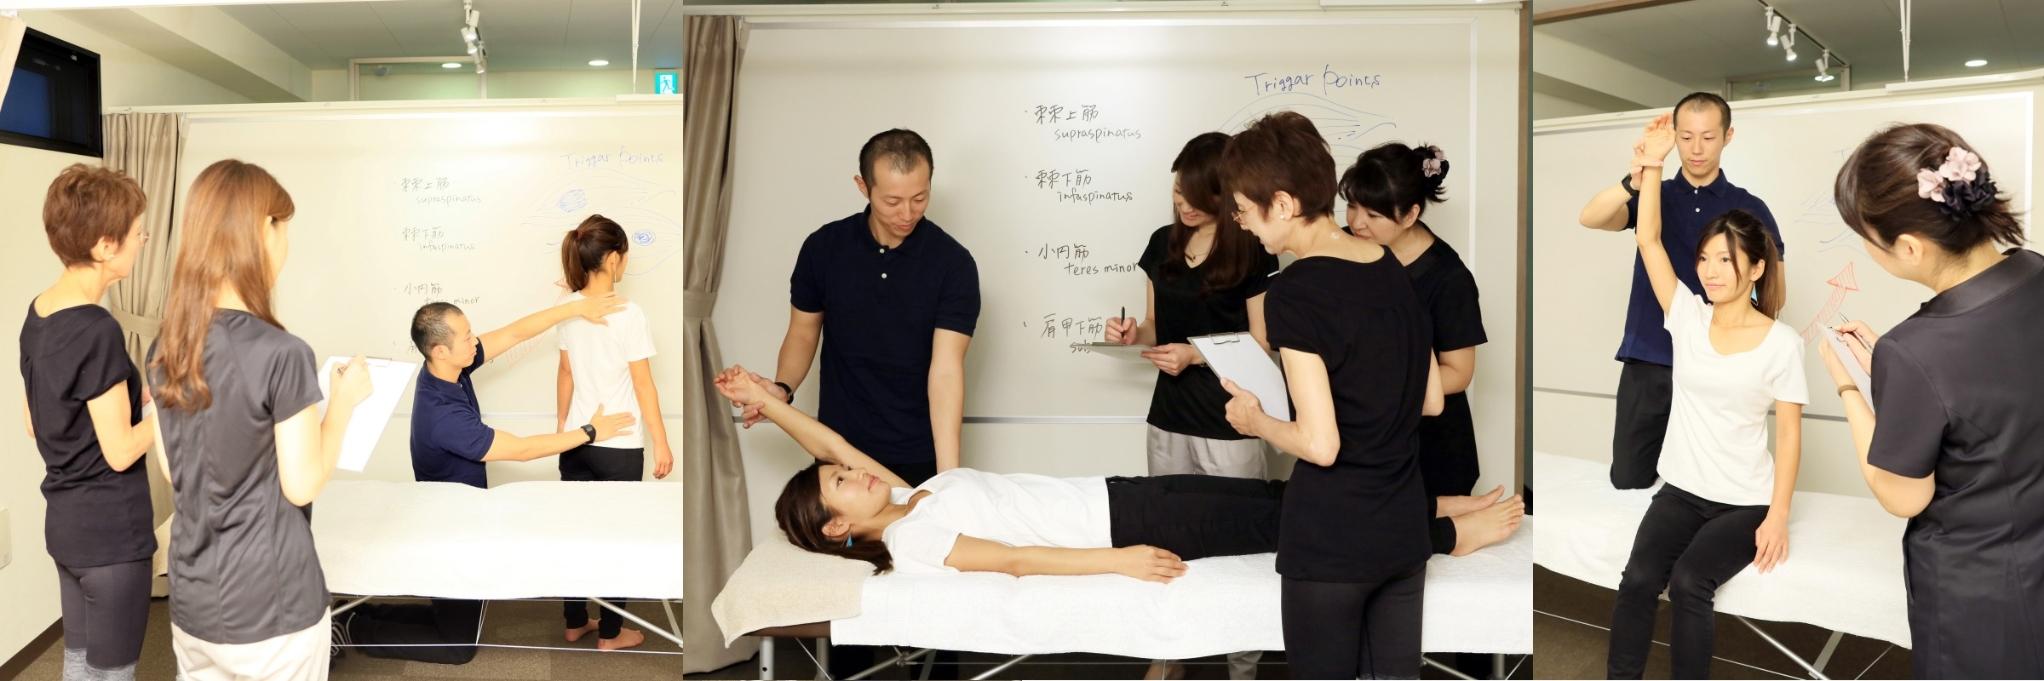 東京リメディアルセラピーアカデミー 姿勢診断 アセスメント